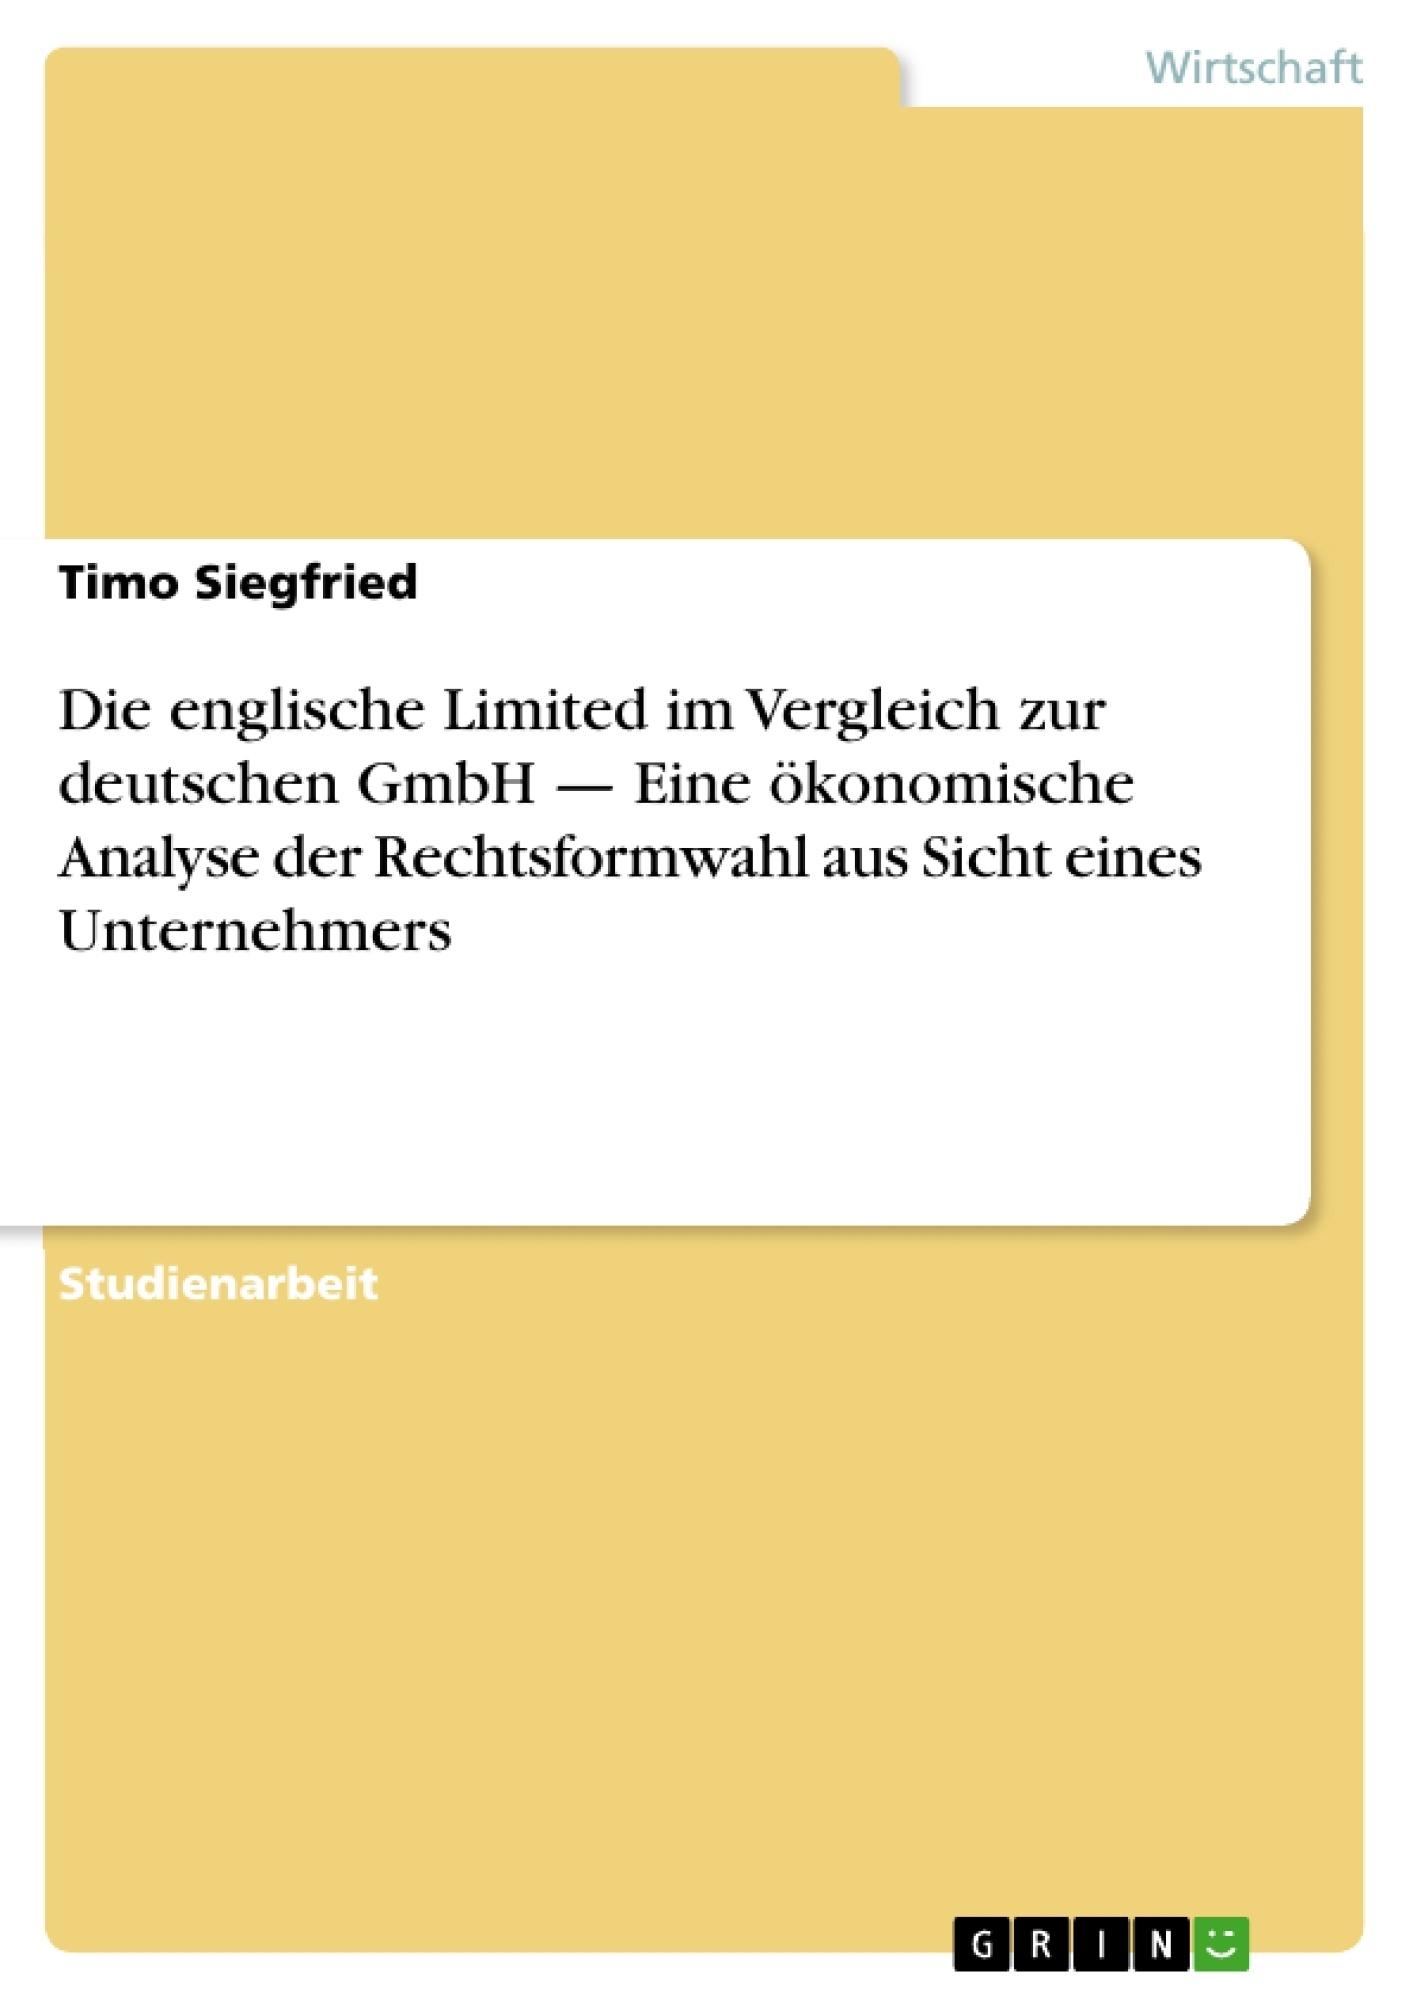 Titel: Die englische Limited im Vergleich zur deutschen GmbH — Eine ökonomische Analyse der Rechtsformwahl aus Sicht eines Unternehmers